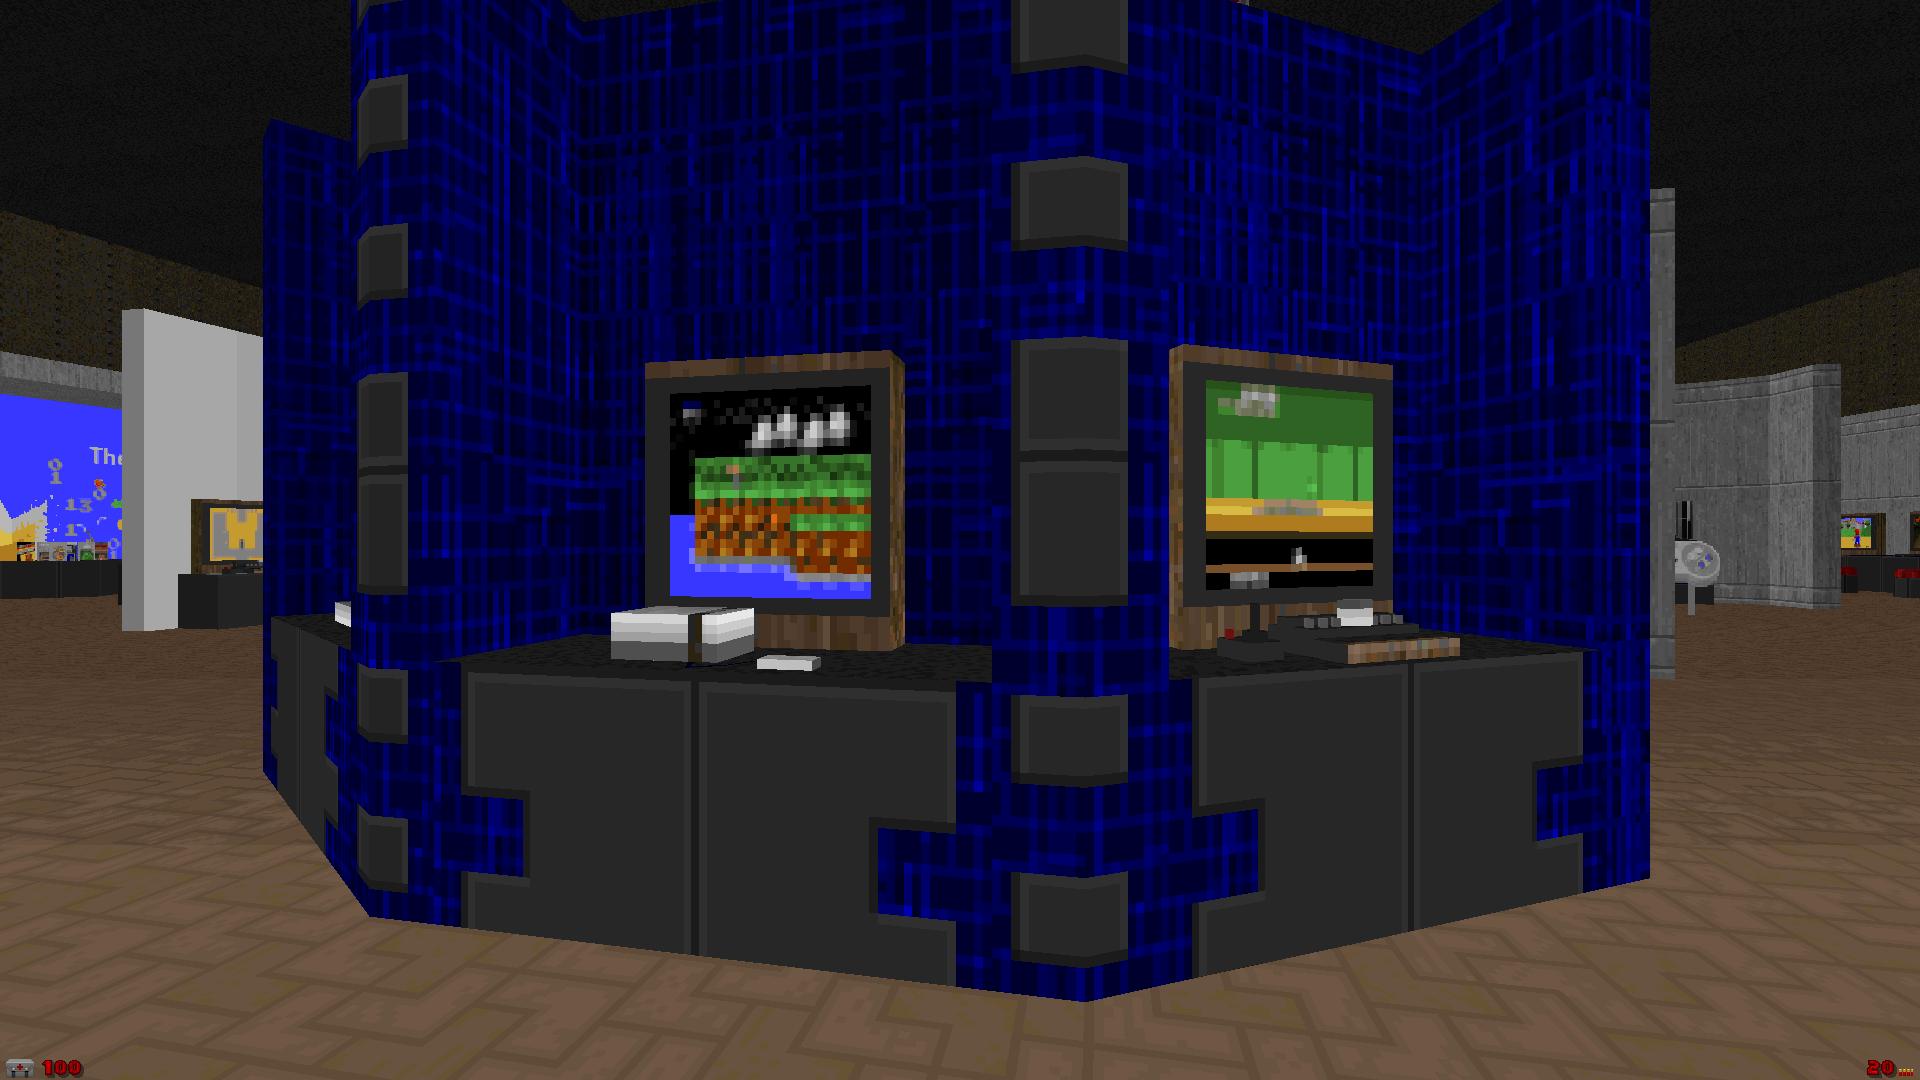 Screenshot_Doom_20200730_114850.png.976d17ec229bb8f89a45d3f5205a4590.png